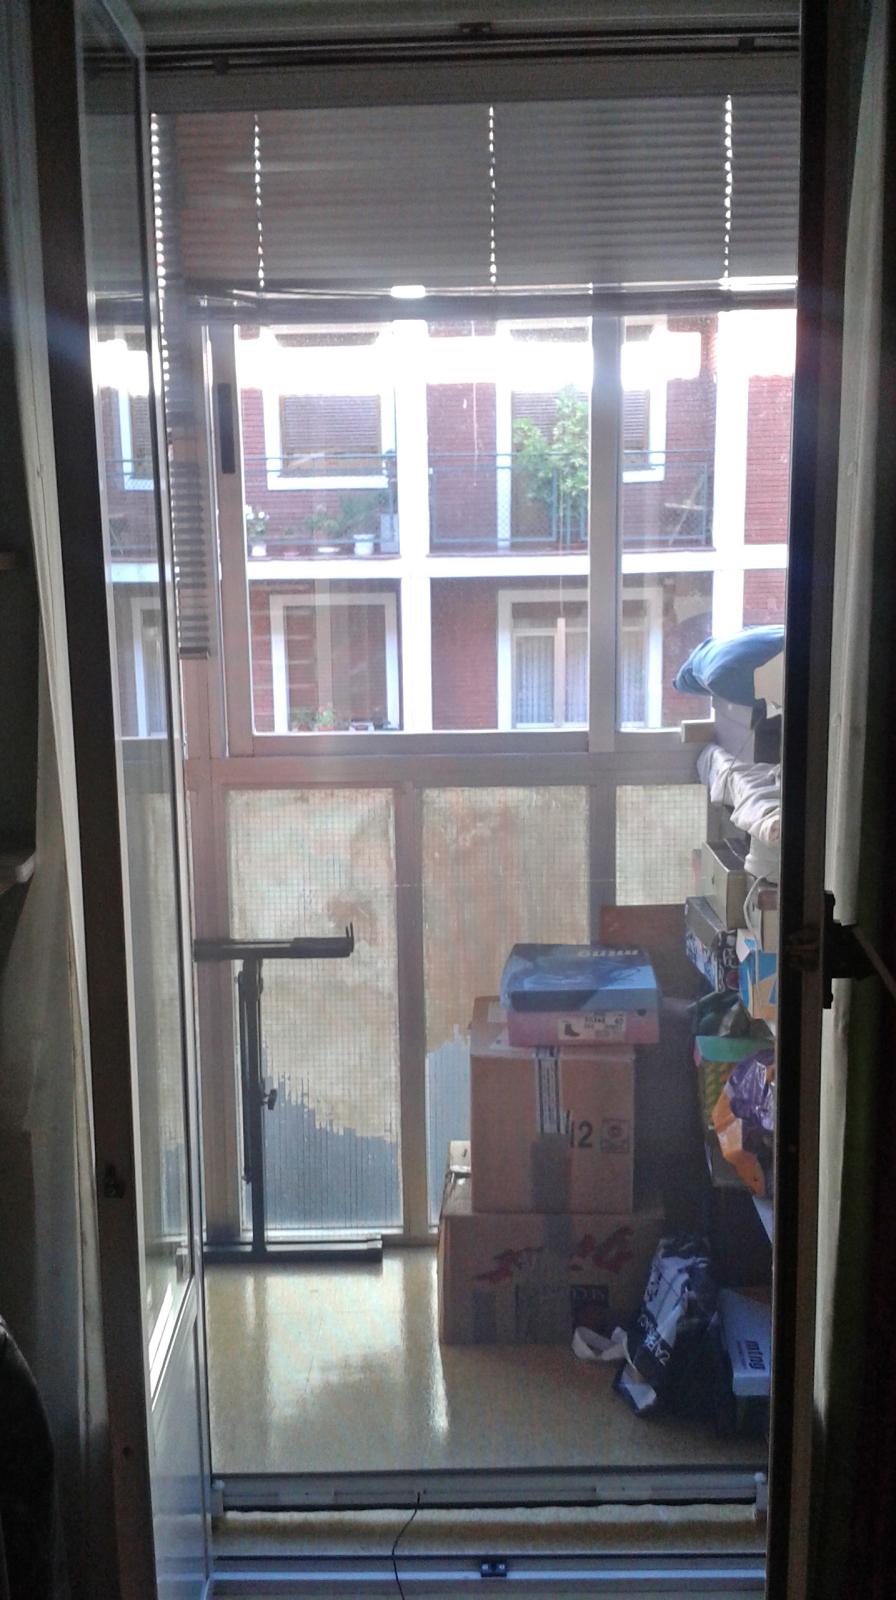 redes - Mosquiteras y redes para las ventanas y cómo proteger a nuestros gatos - Página 9 Wmlf77